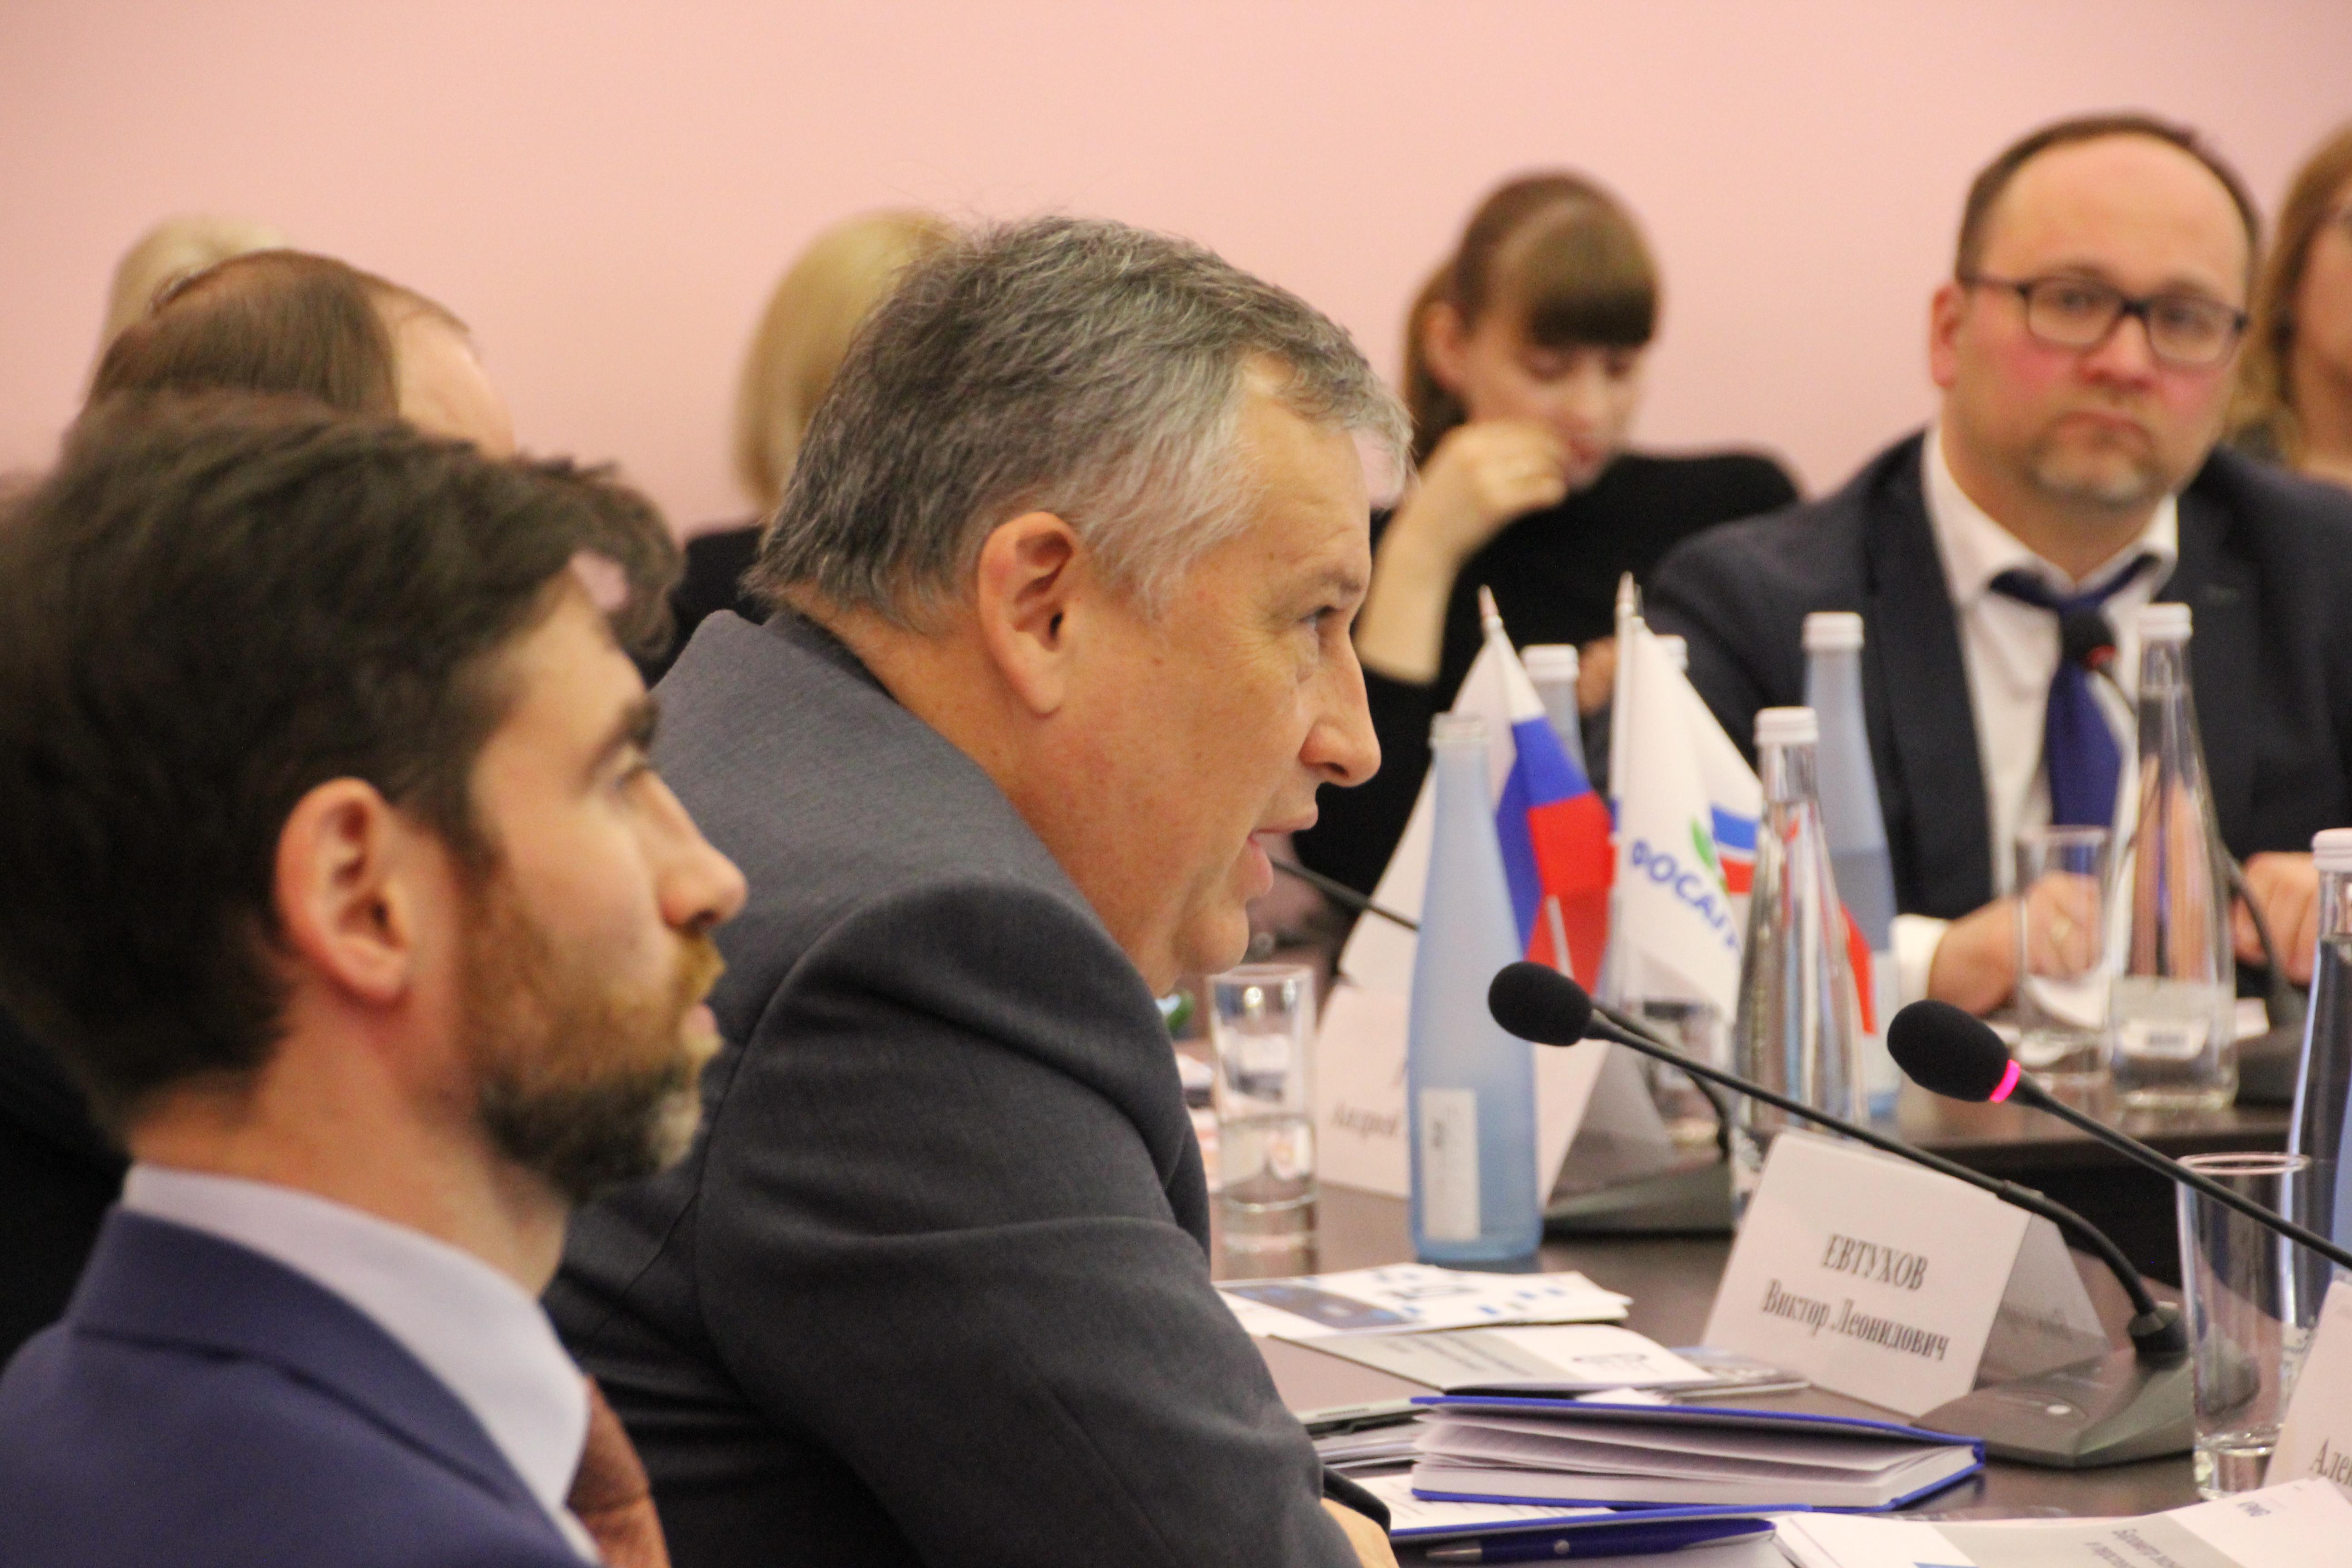 Губернатор Ленинградской области Александр Юрьевич Дрозденко